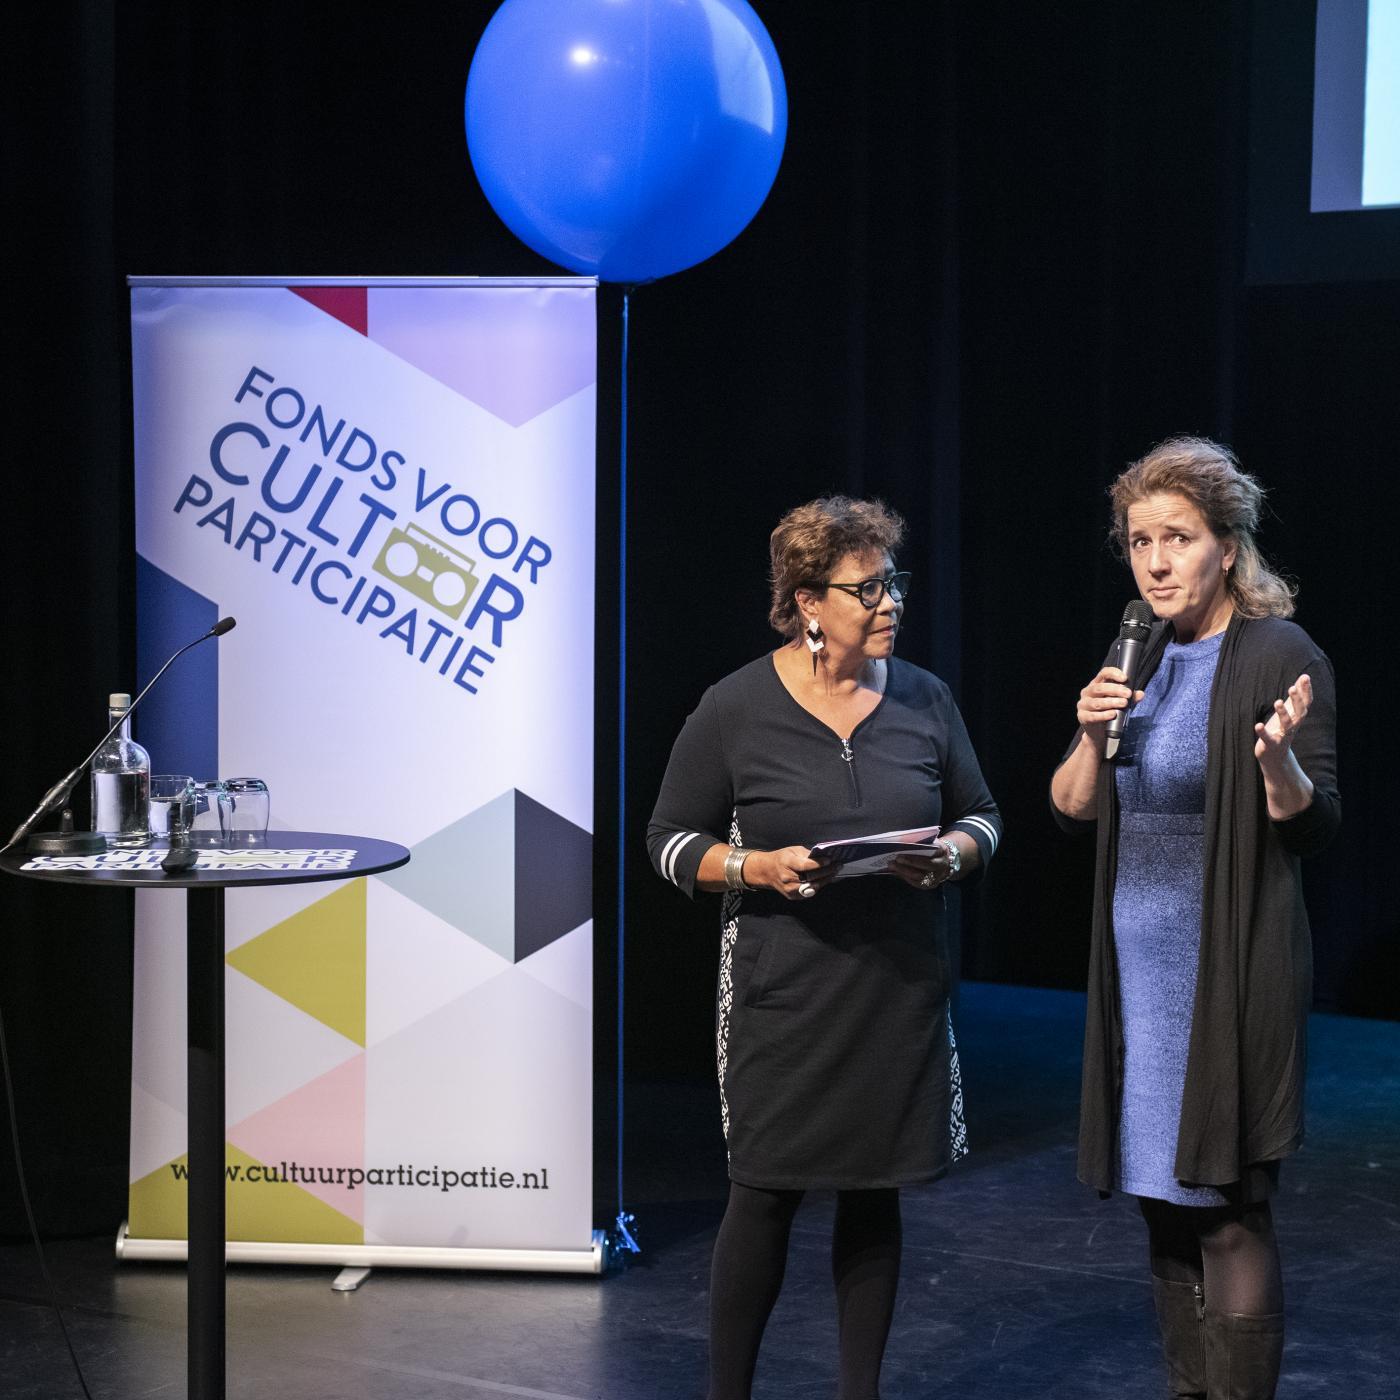 Directeur-bestuurder Hedwig Verhoeven in gesprek met presentatrice Noraly Beyer